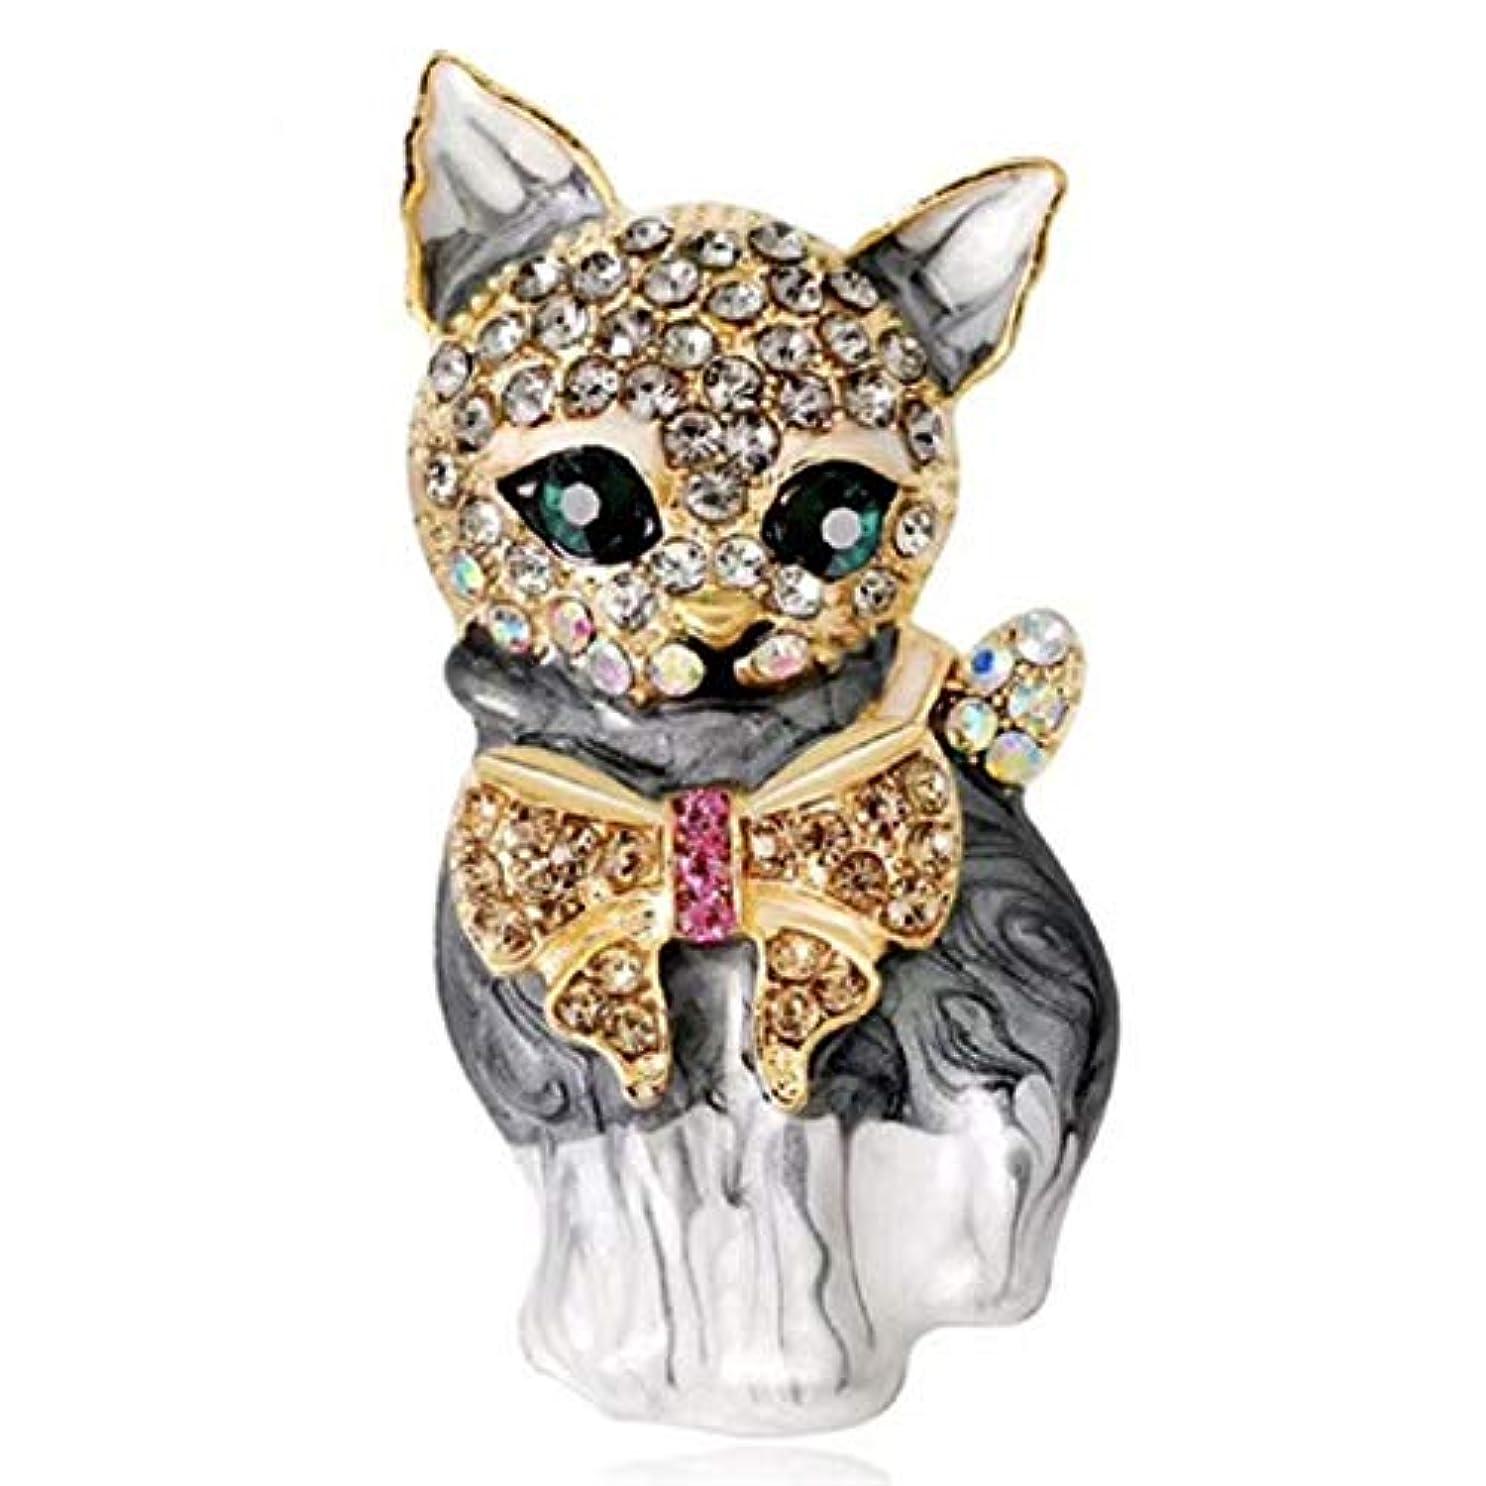 例外胆嚢現金Underleaf 女性のための素敵な猫のブローチピンクリスタルエナメルピン動物ブローチジュエリーアクセサリー